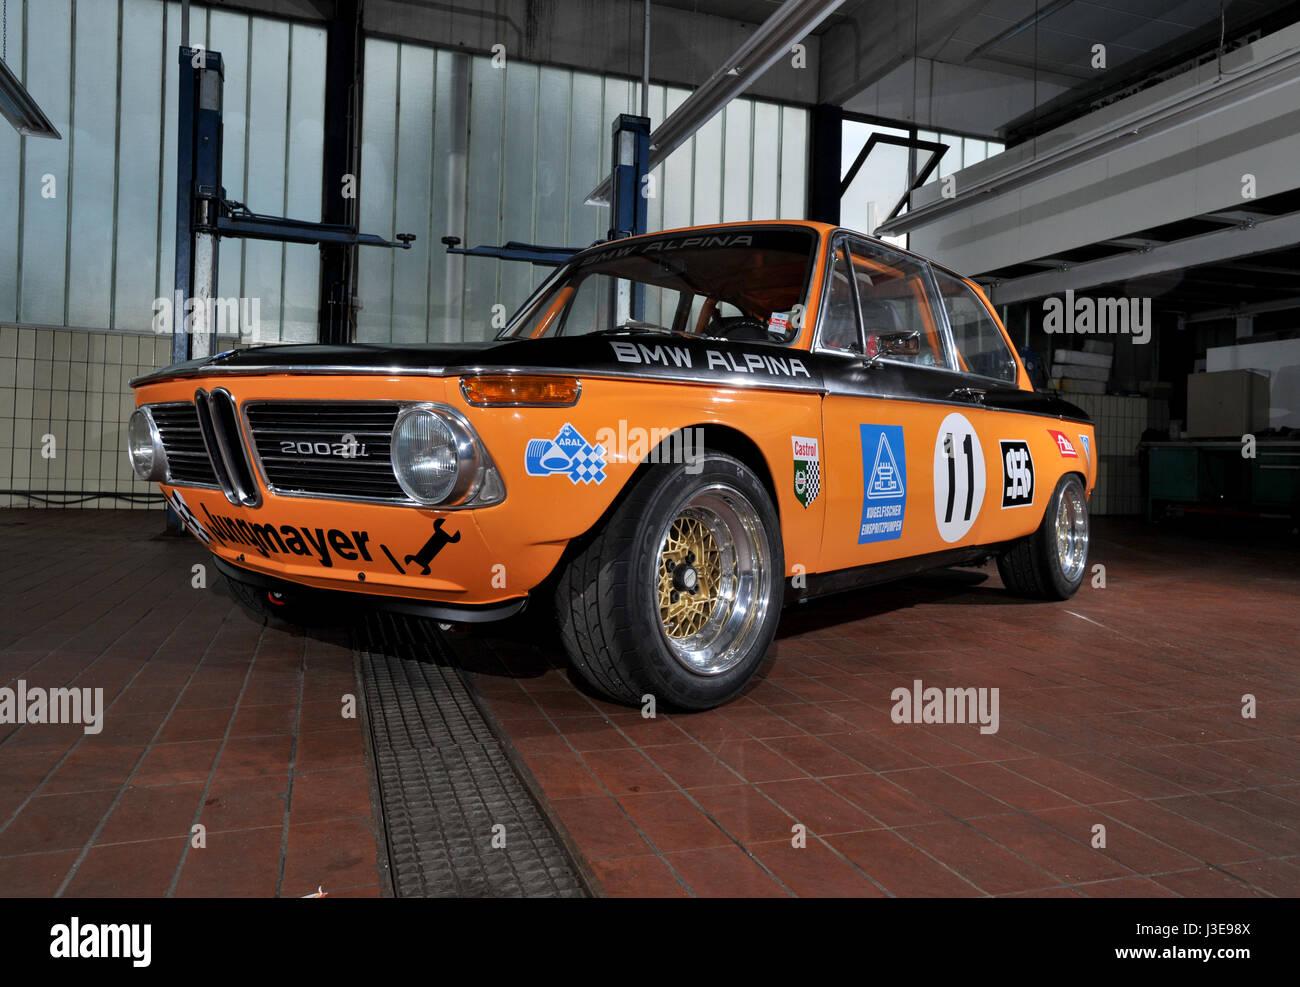 Bmw Alpina 2002 Ti Race Car German Classic Car Stock Photo Alamy